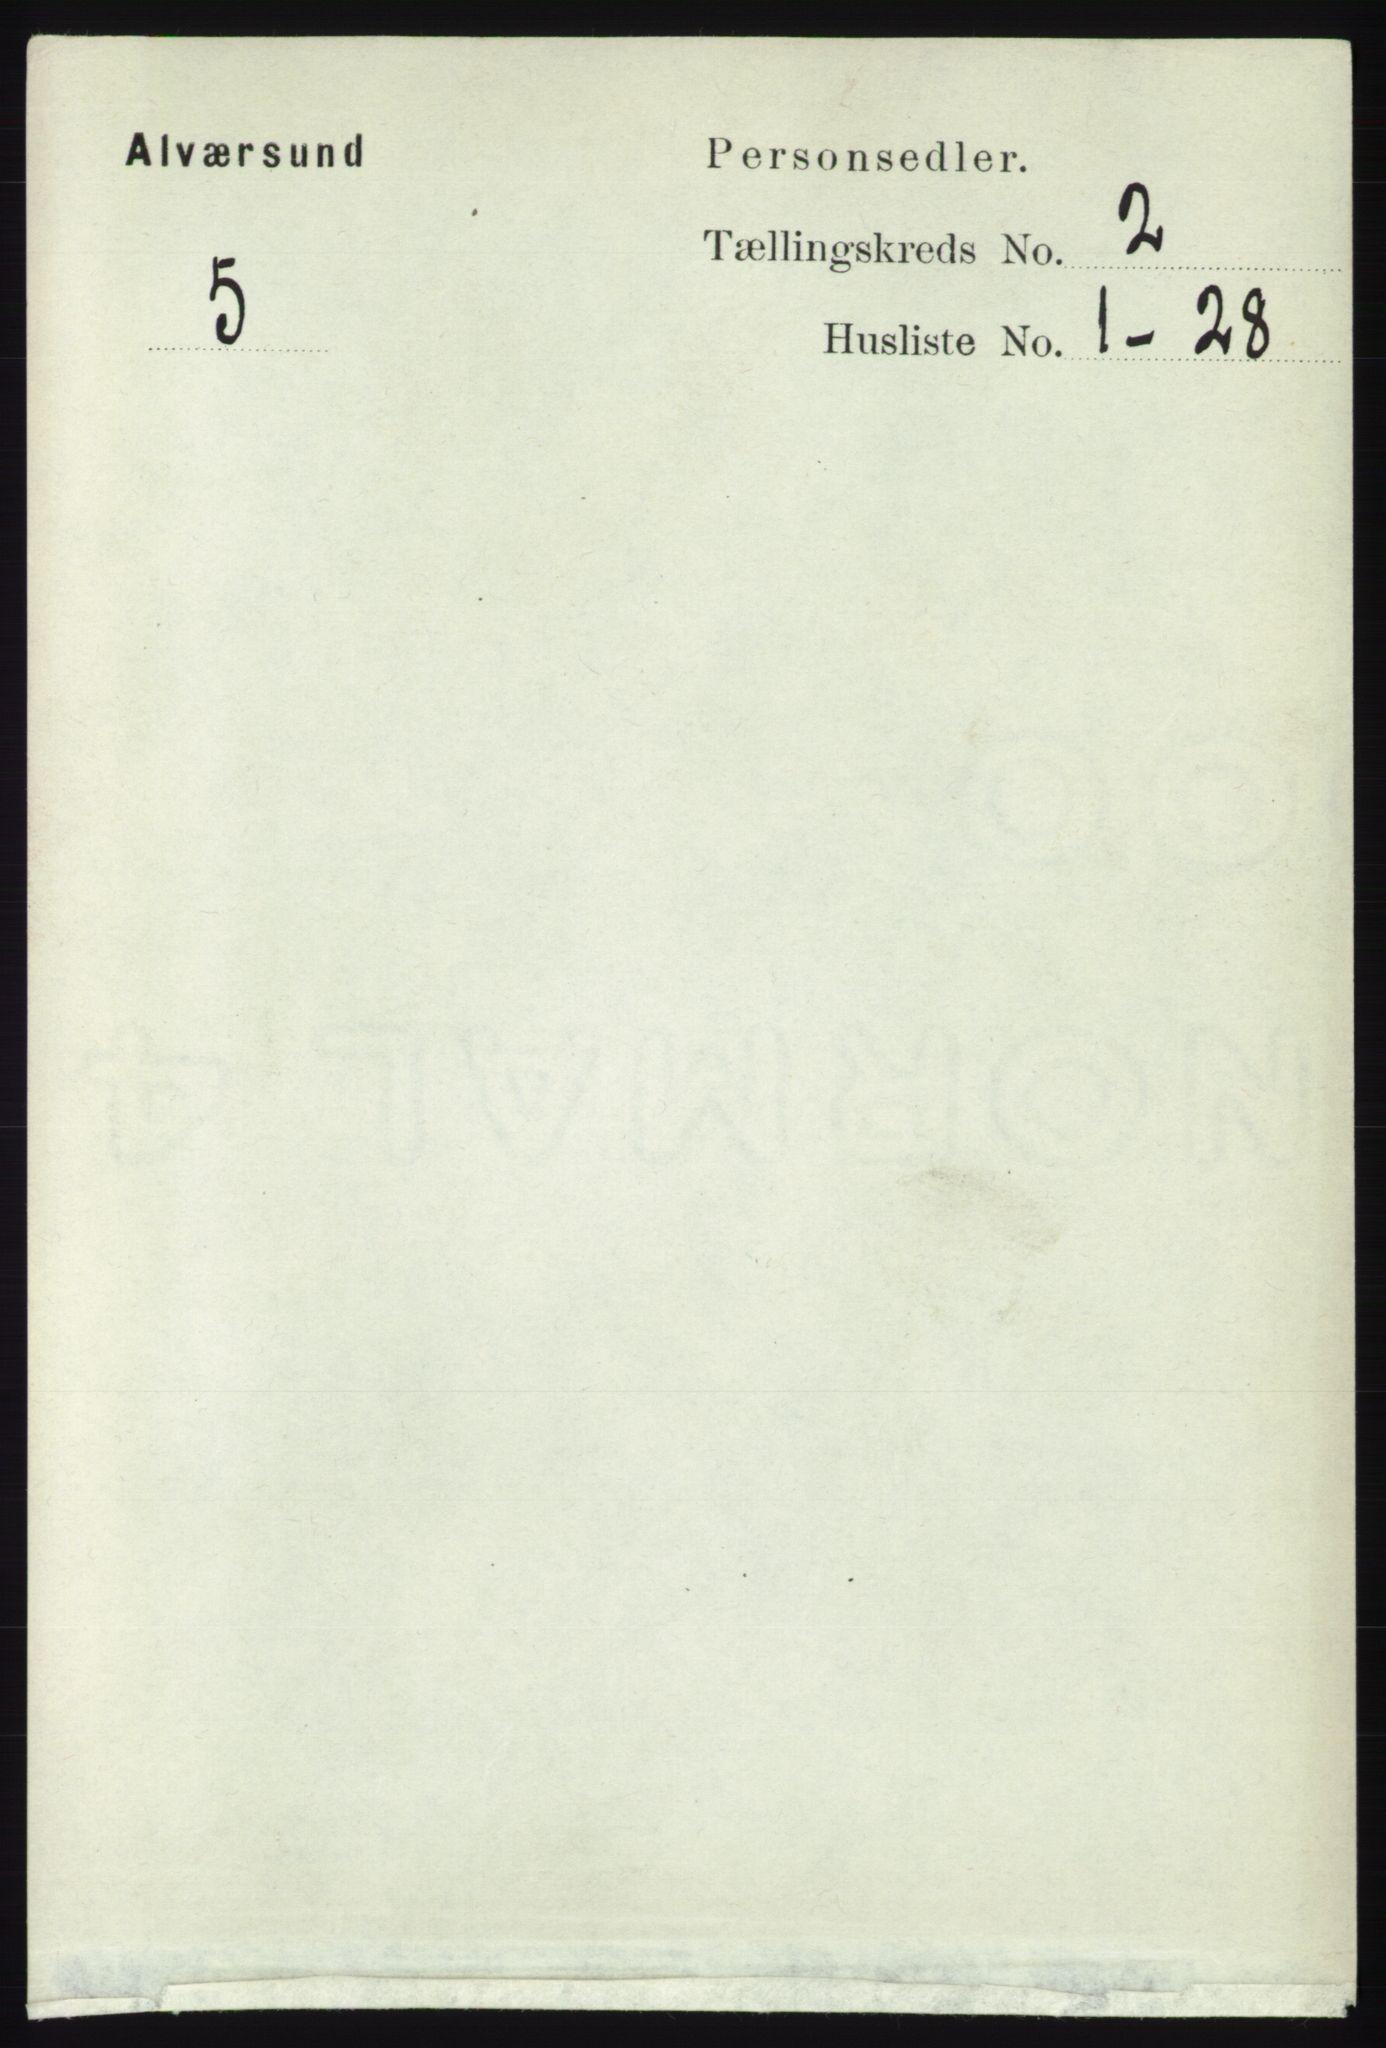 RA, Folketelling 1891 for 1257 Alversund herred, 1891, s. 460